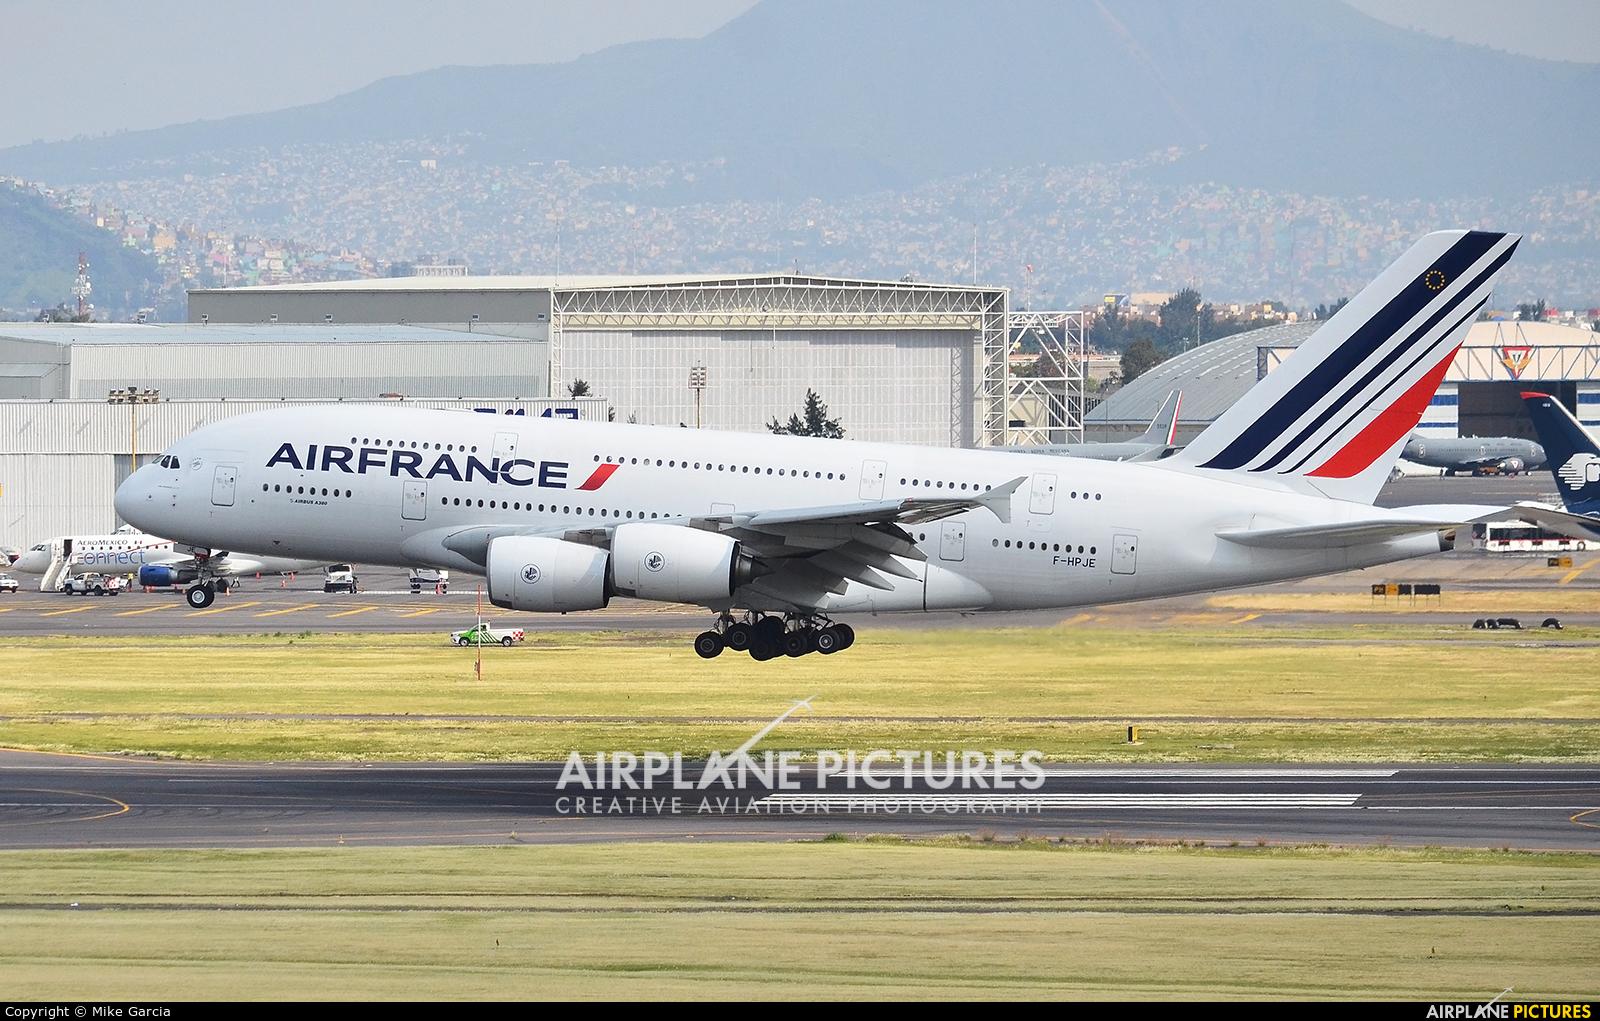 Air France F-HPJE aircraft at Mexico City - Licenciado Benito Juarez Intl